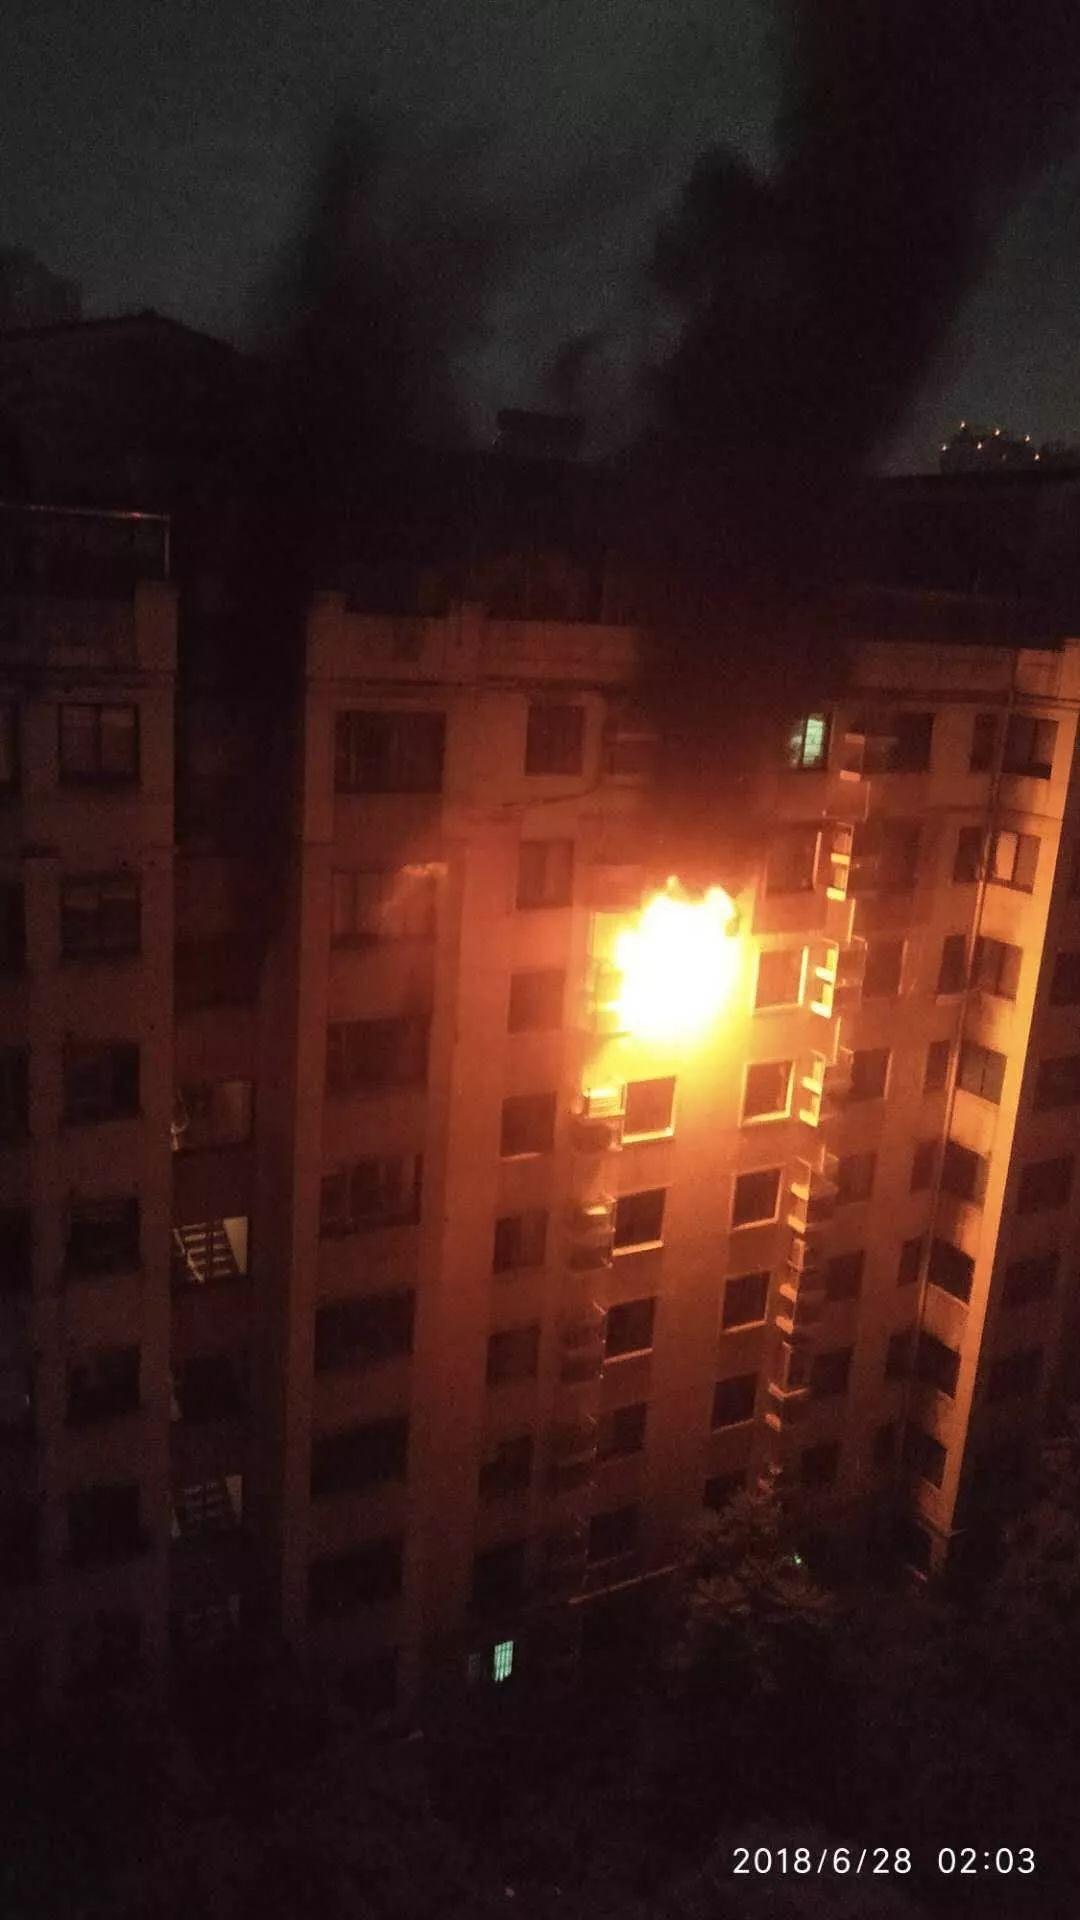 恐怖!东湖花园凌晨起火,但消防栓里竟没有水!结果…